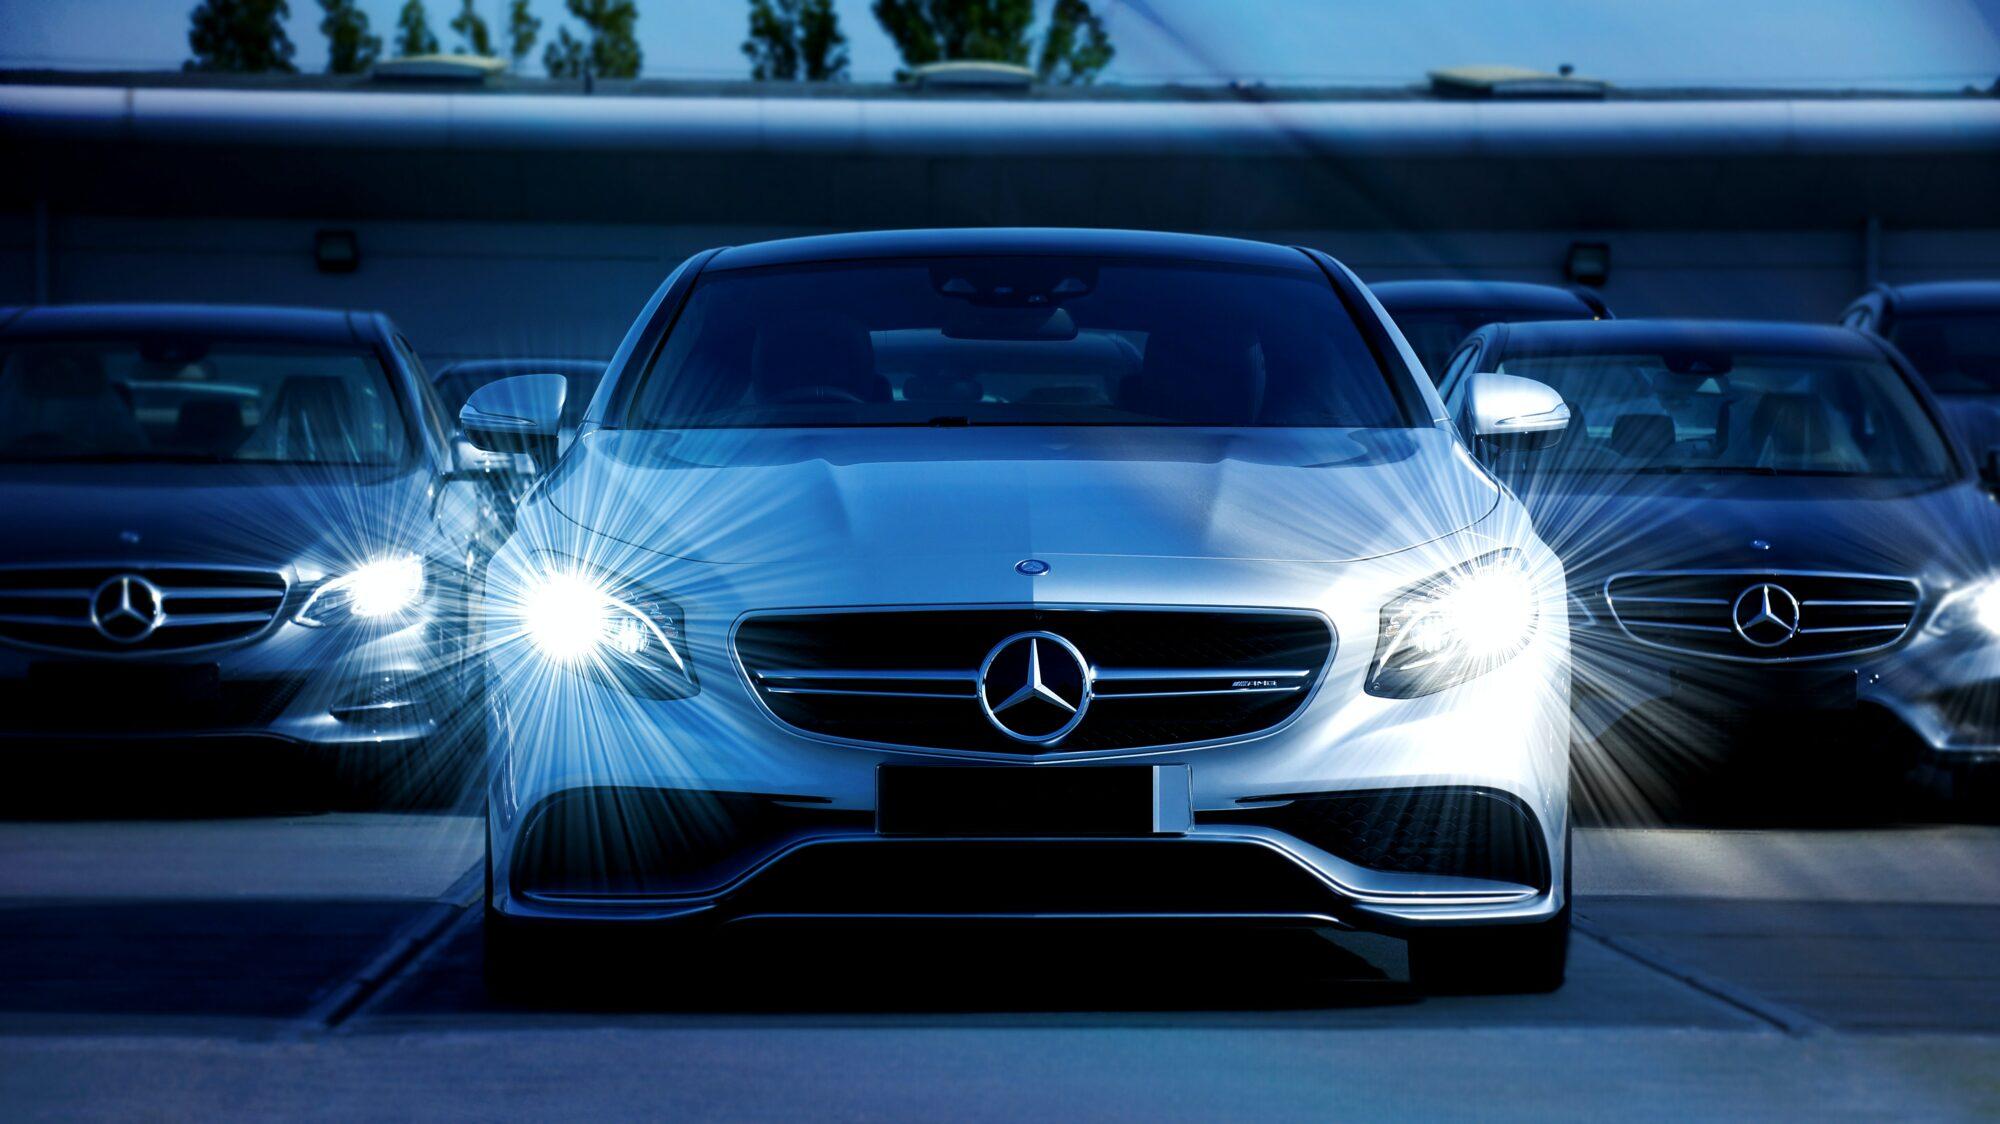 Top 10 Automotive Announcements in CES 2021